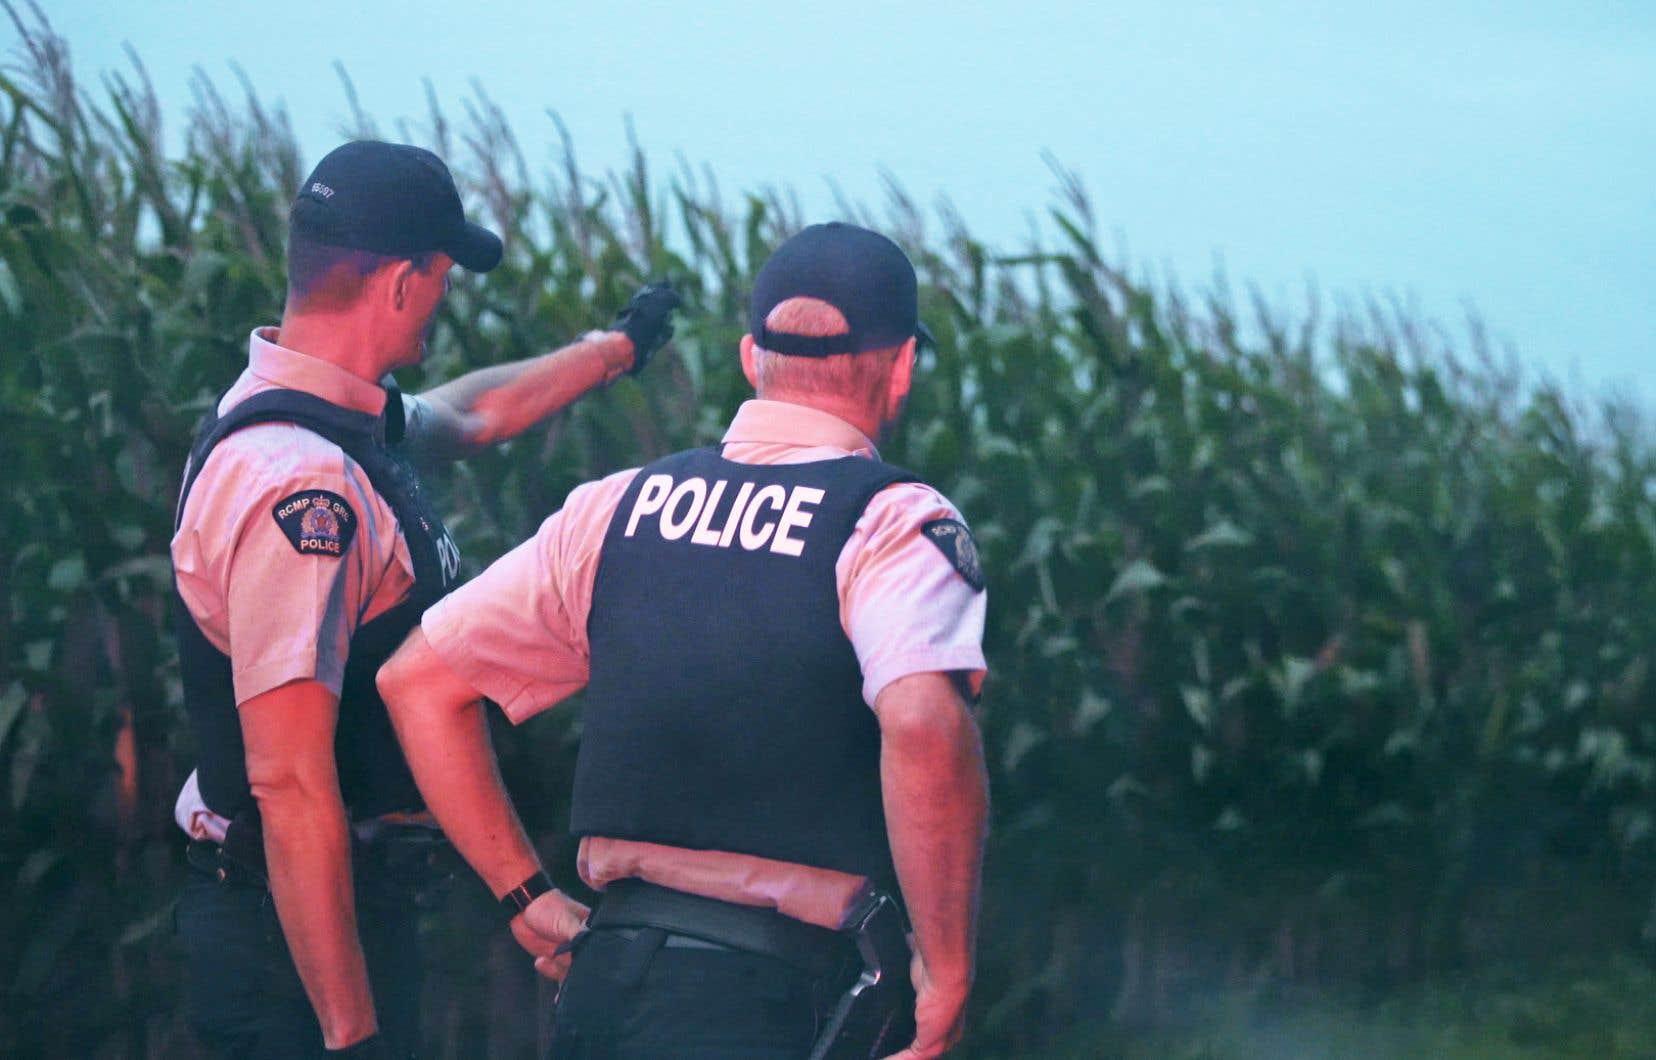 Chacun des quatre épisodes de«Frontière»permet de découvrirle quotidien des policiers qui ont à composer avec les entrées illégales de migrants, le trafic d'armes, de drogue et parfois d'humains.